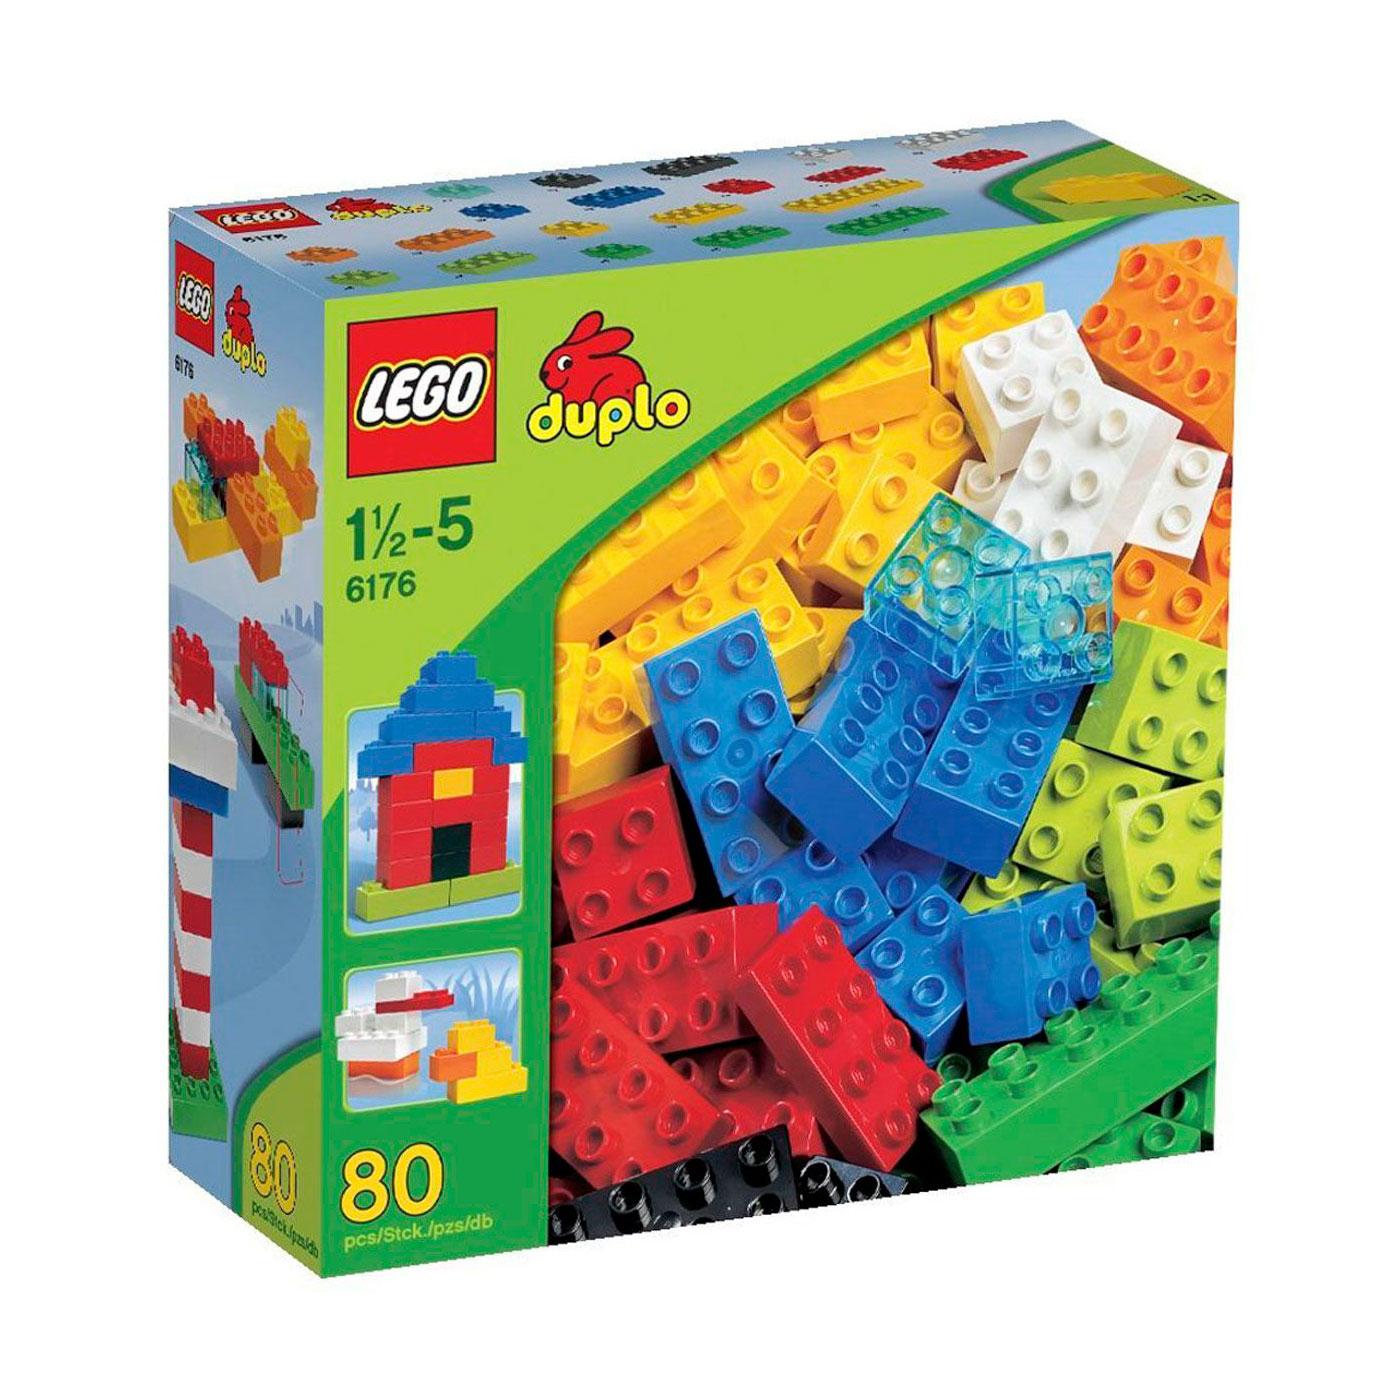 Конструктор LEGO Duplo 6176 Основные элементы<br>